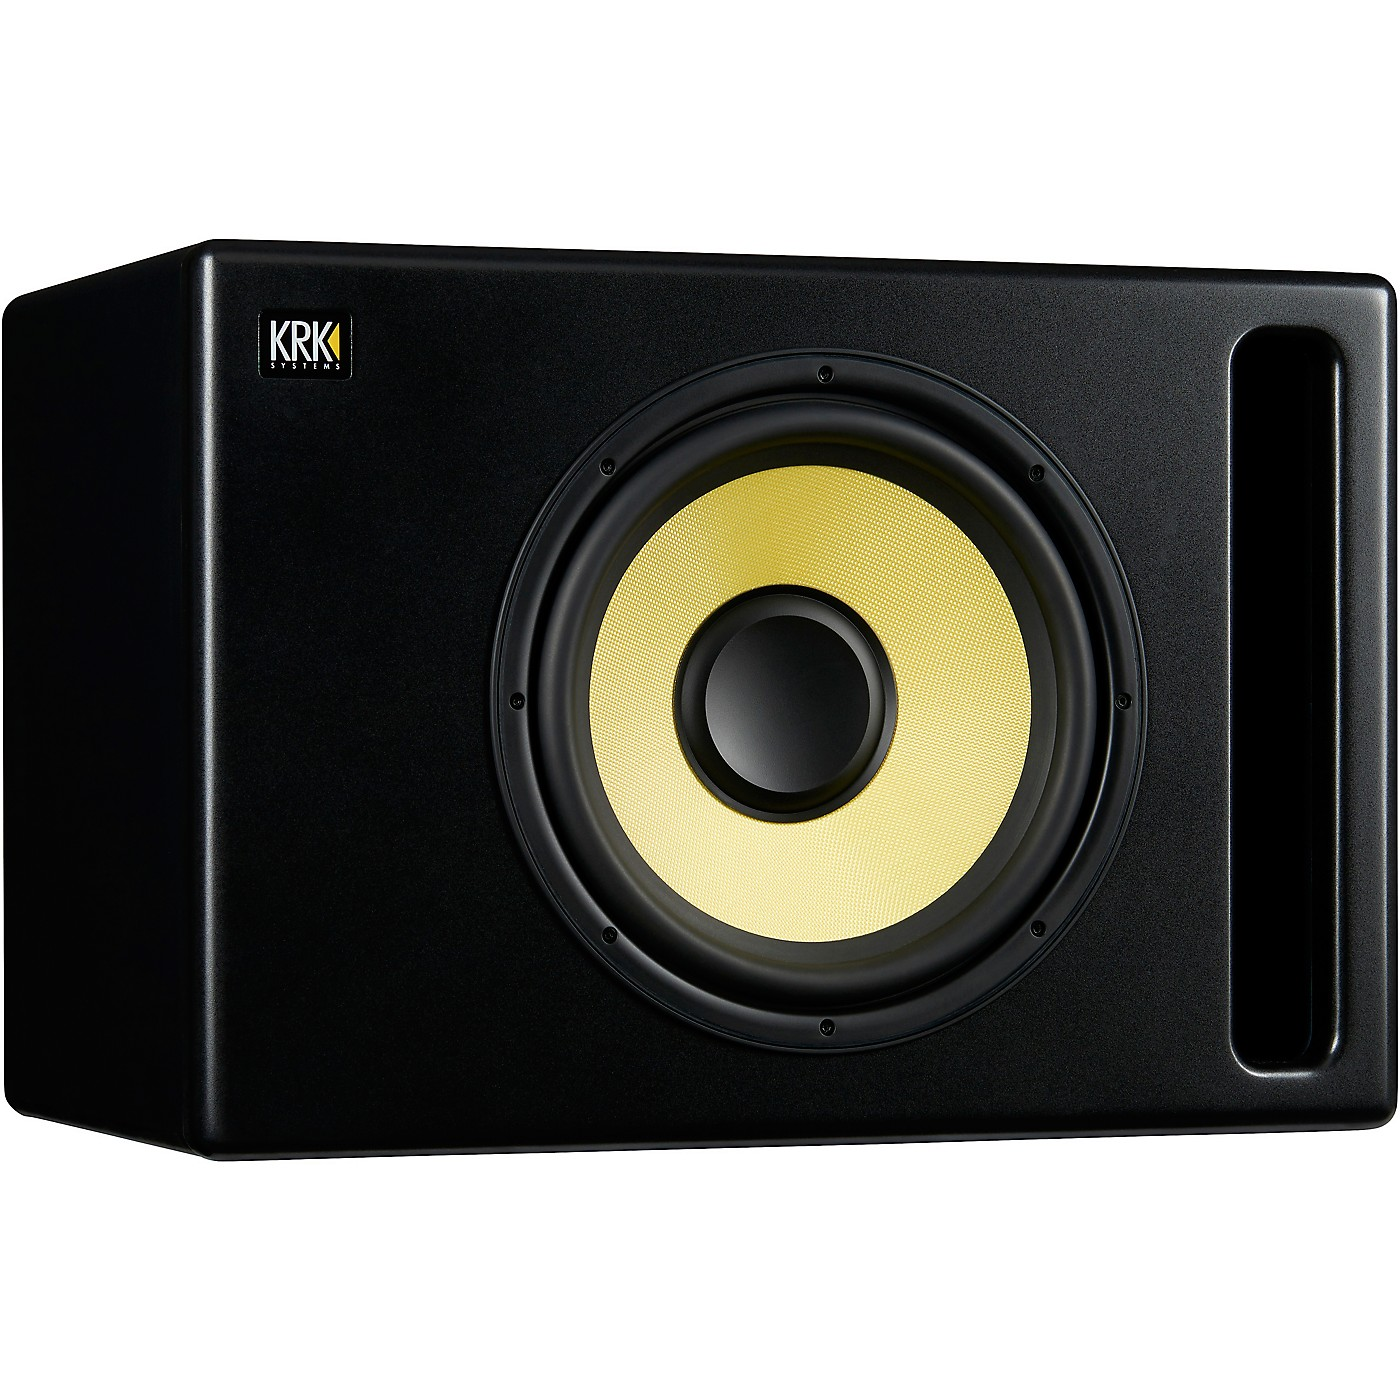 KRK S12.4 12